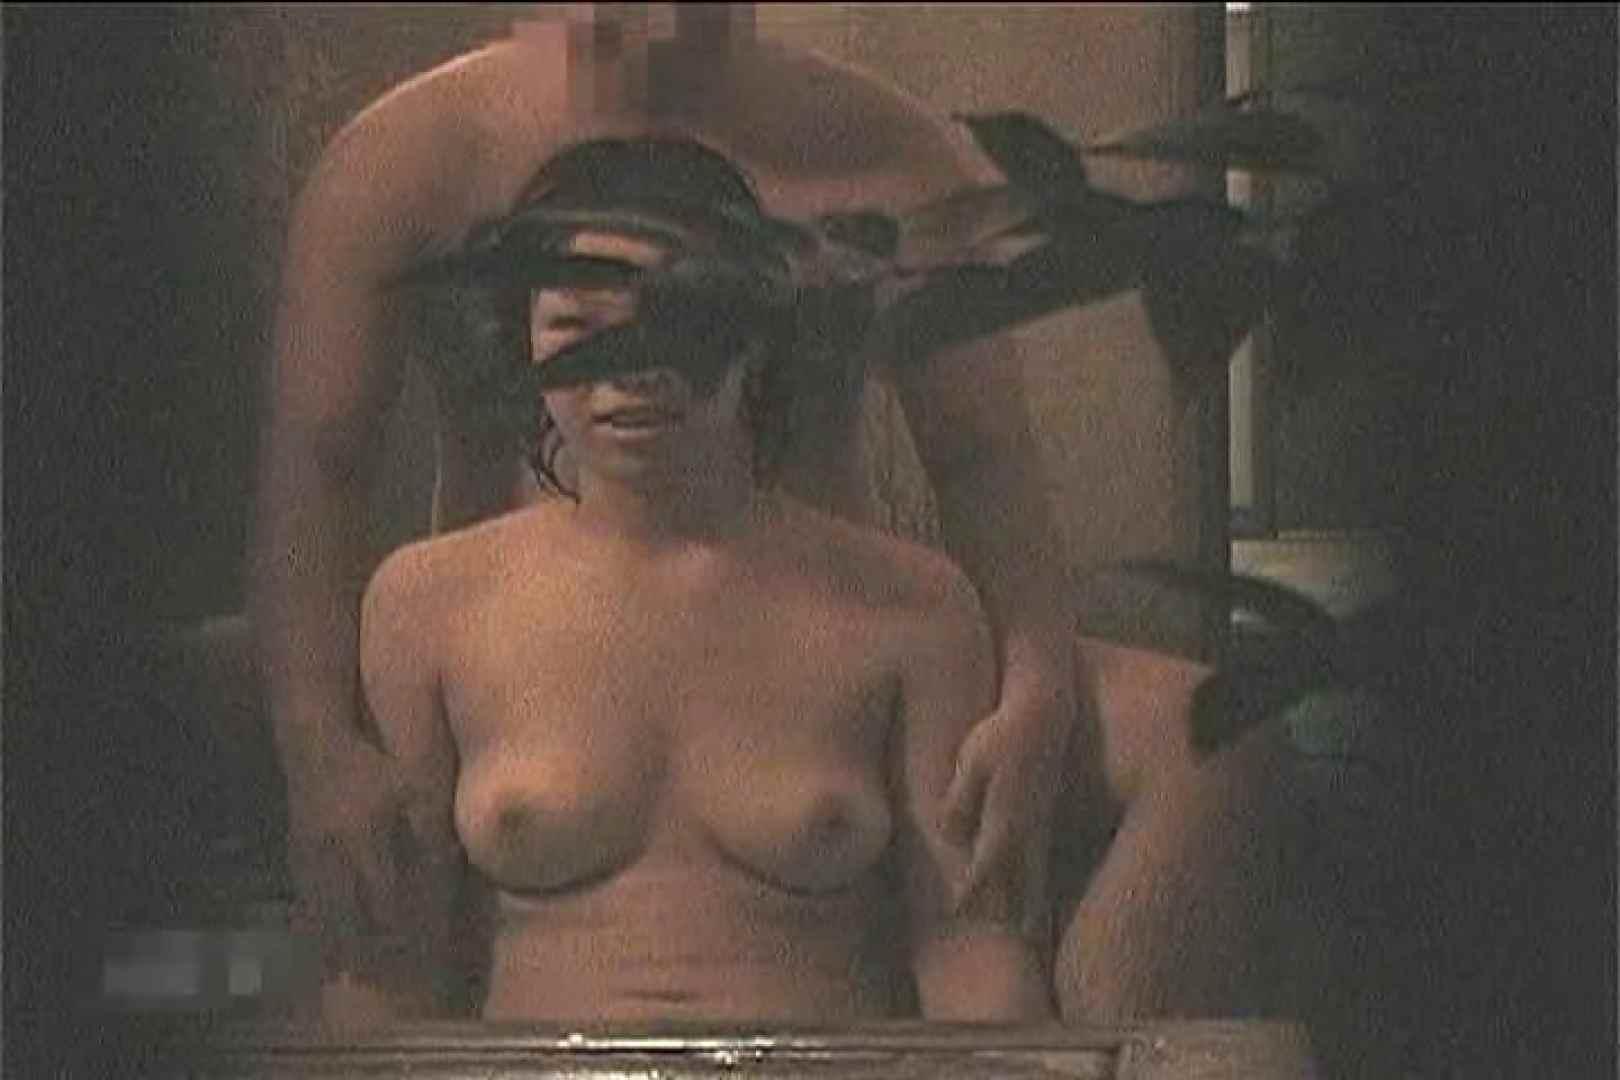 全裸で発情!!家族風呂の実態Vol.3 ラブホテル | 盗撮  95画像 64